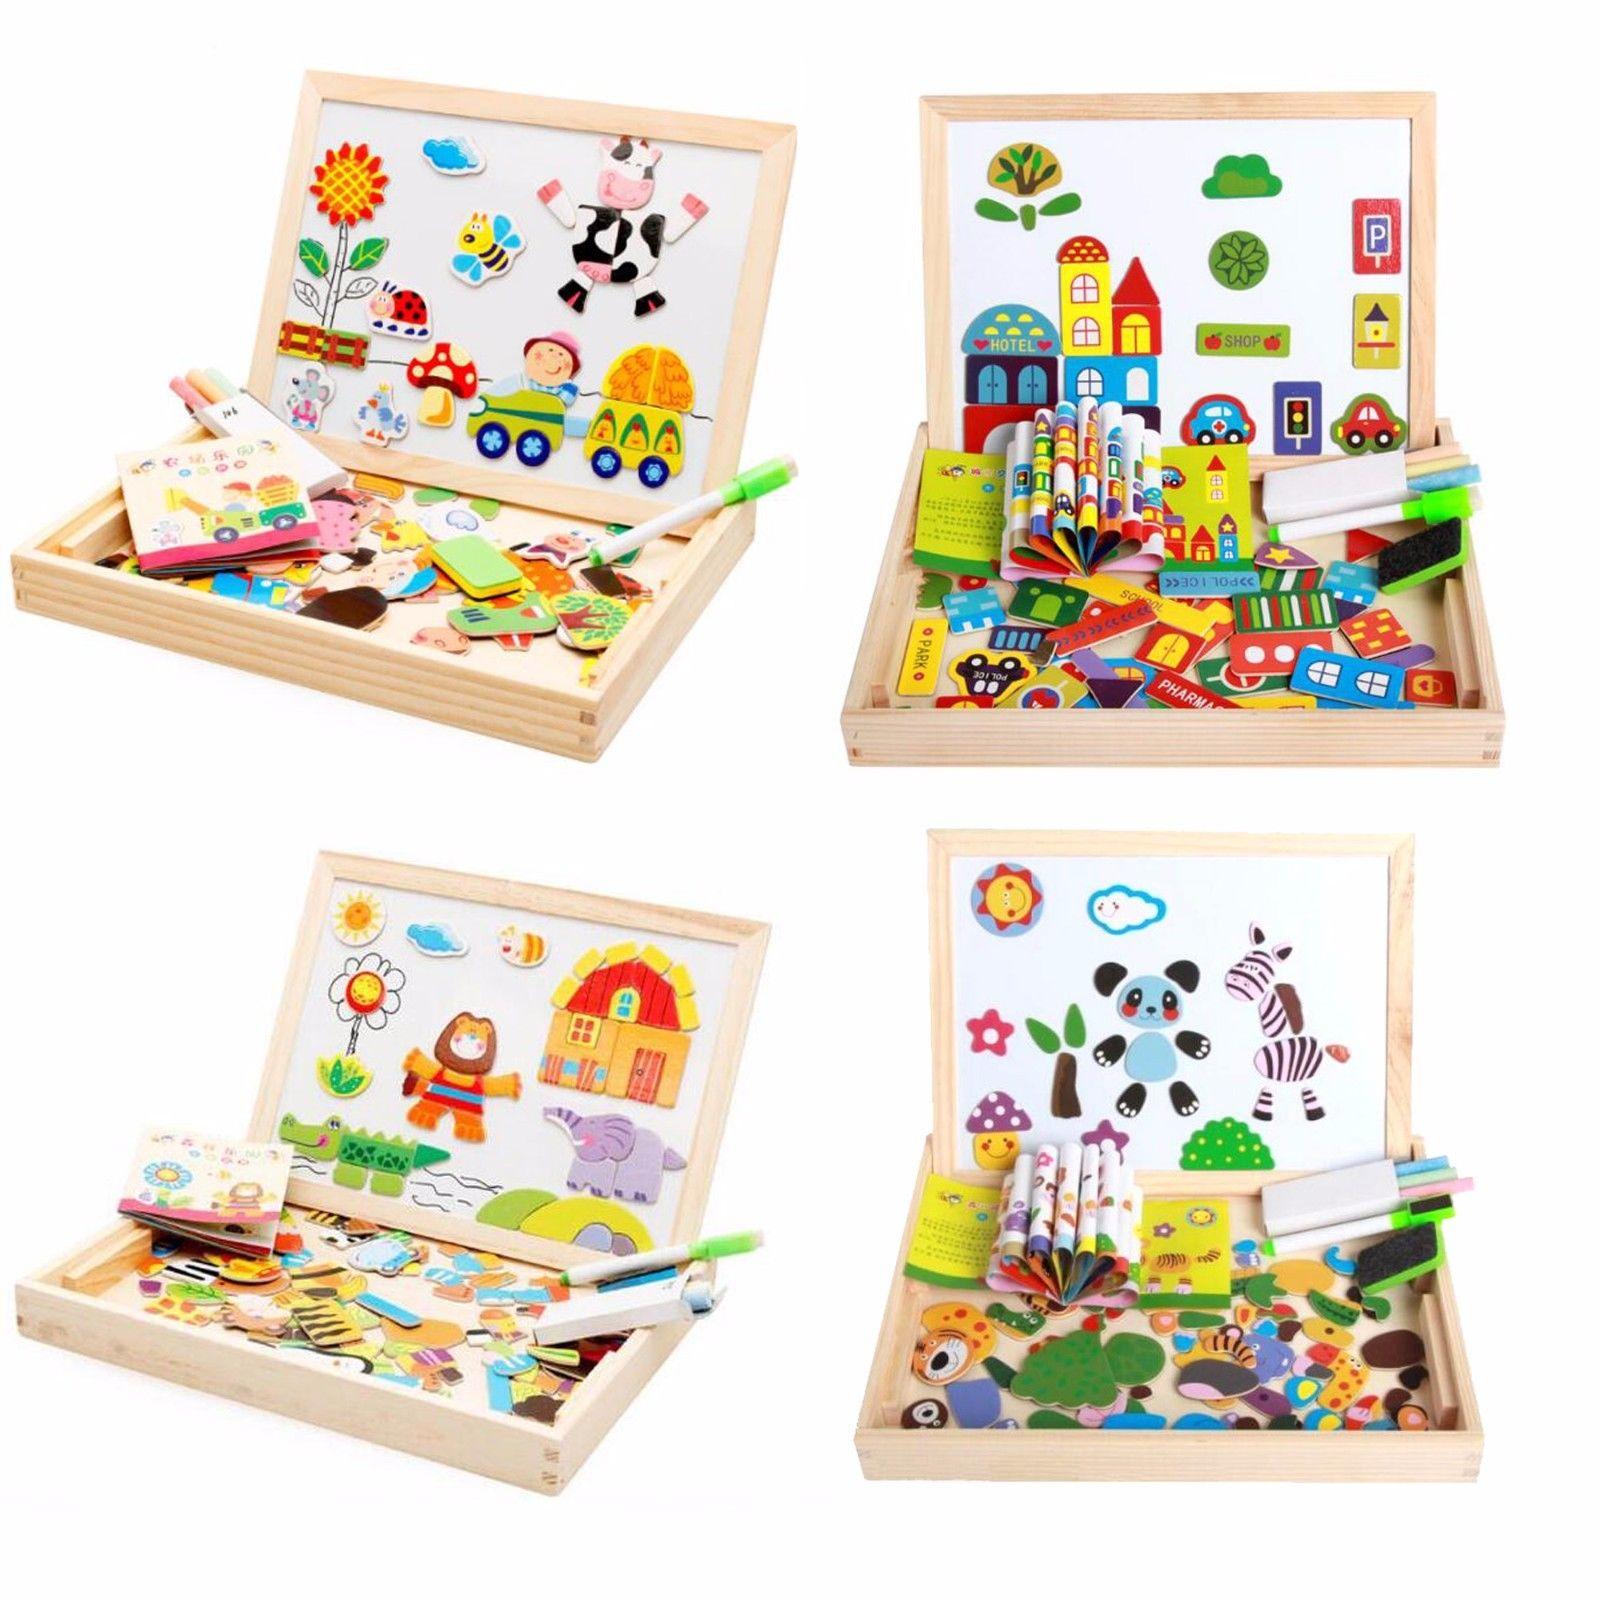 Magnetisches Holzpuzzle Doppelseitiges Holzspielzeug Kleinkinder Ab 3 Jahre Neu